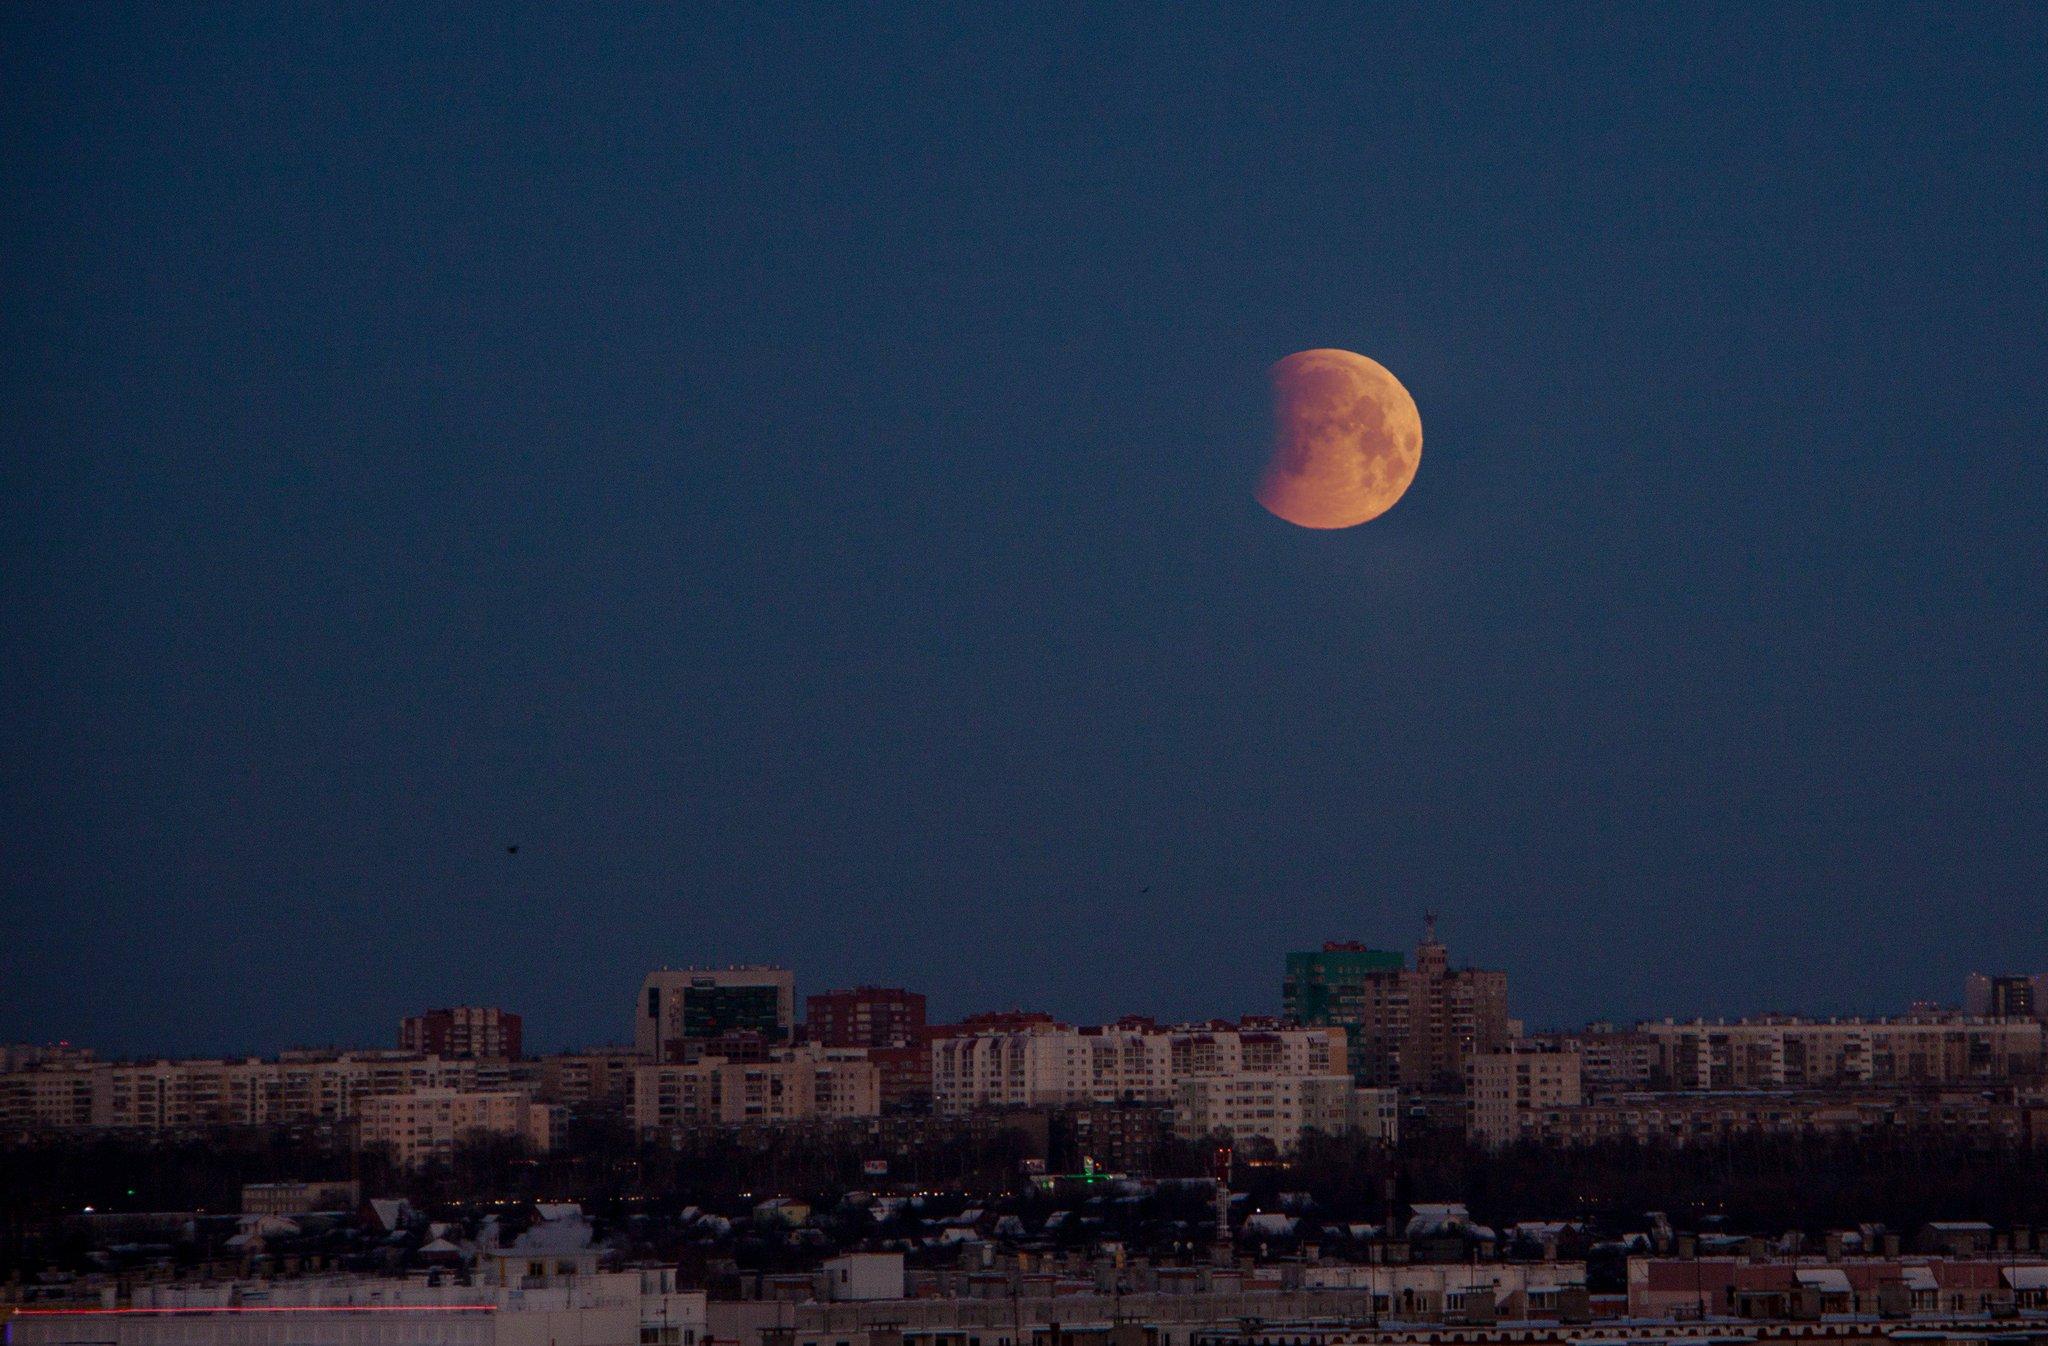 лунное затмение сегодня фото идеальный отдых отправляйтесь